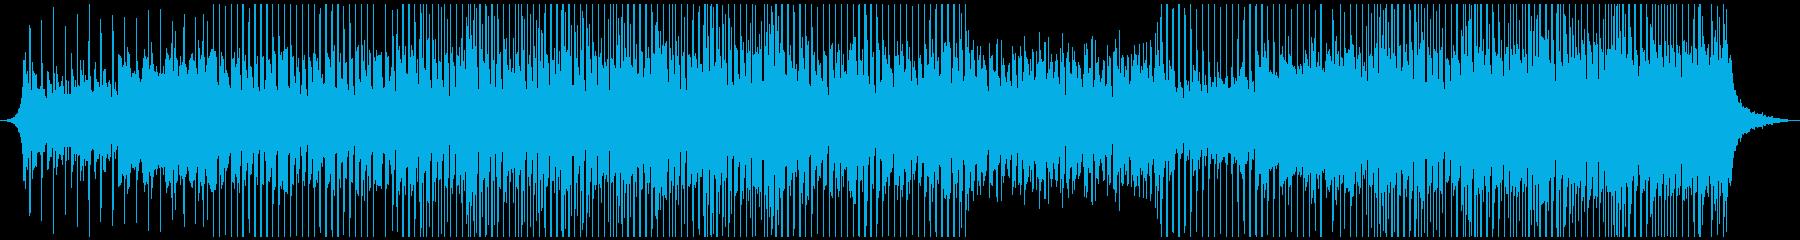 ハッピーミュージックの再生済みの波形